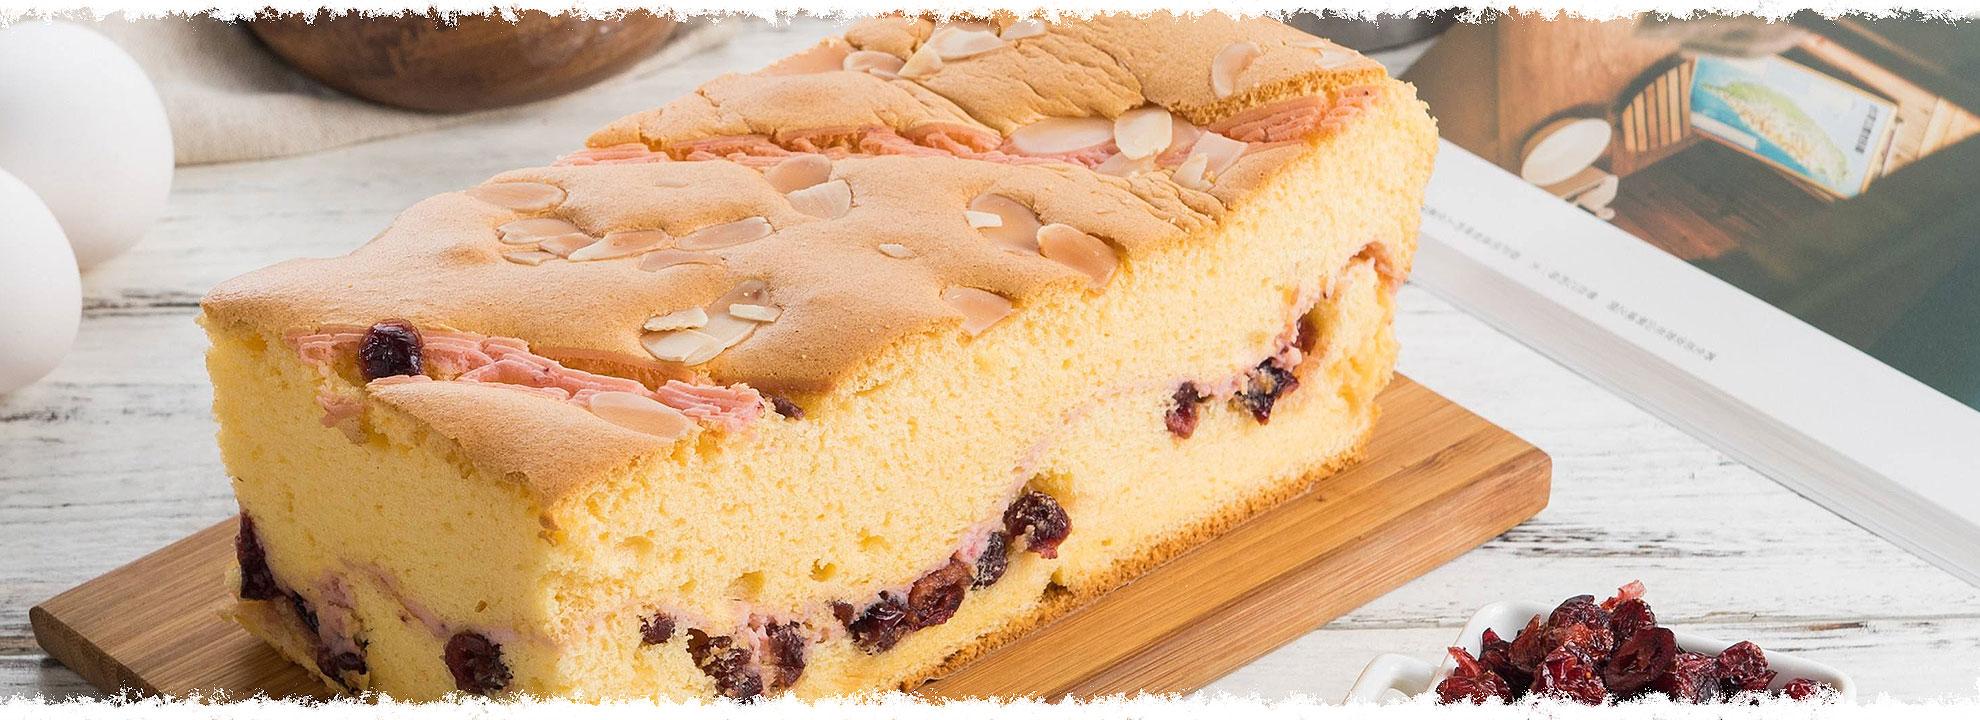 Gâteau fromage blanc parfum aubépine pomme raisin